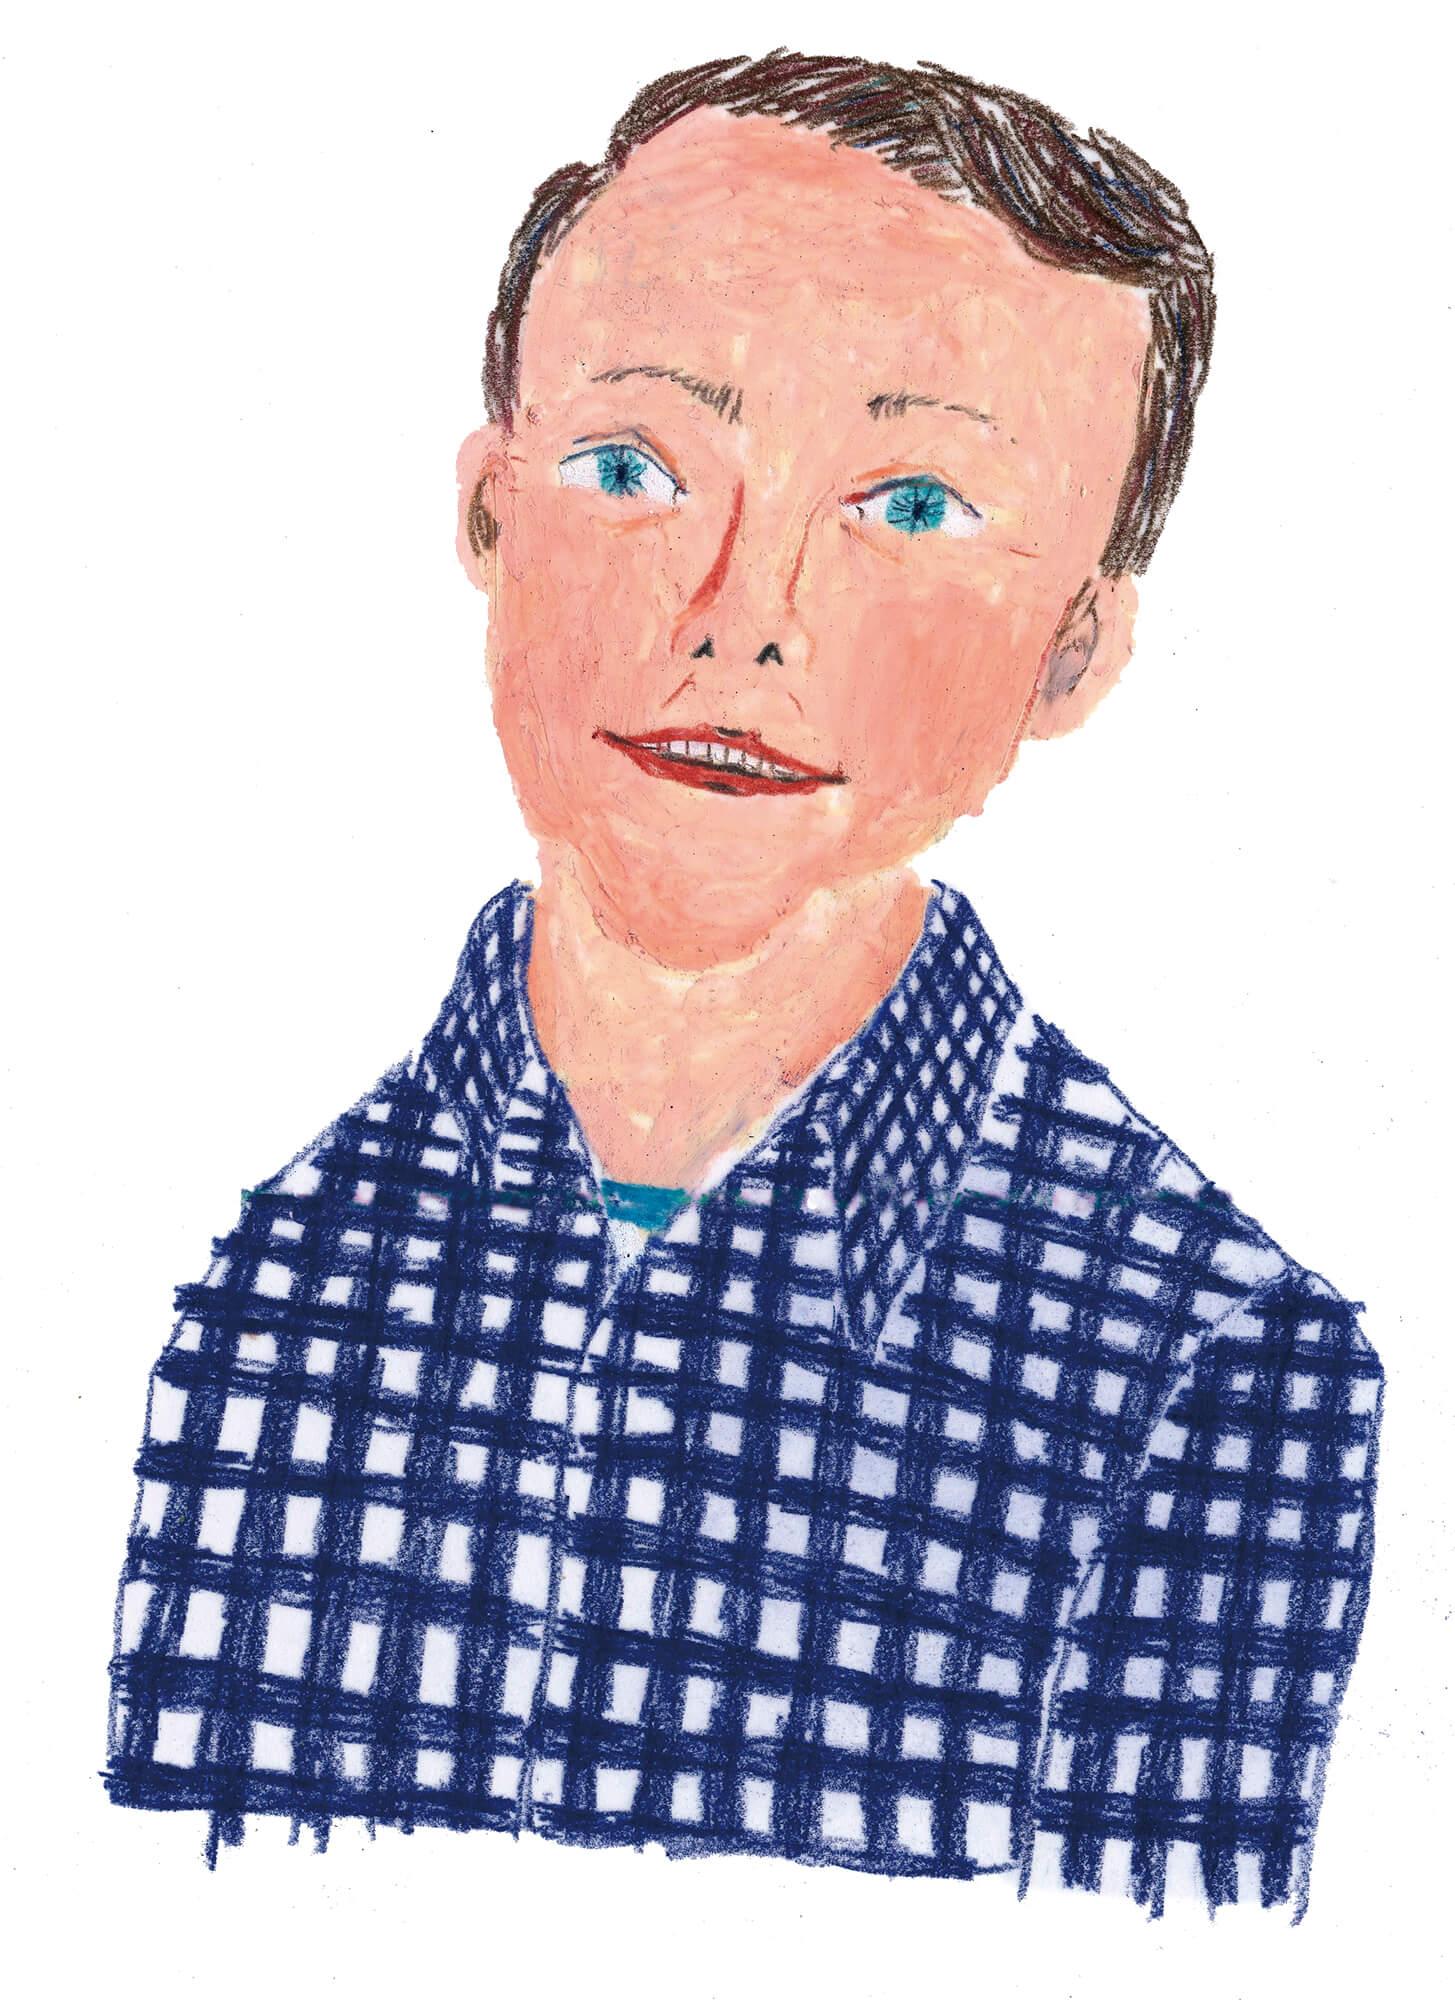 「ねこのきもち」イラストカット ベネッセ2018年「ネルシャツを着た男性」